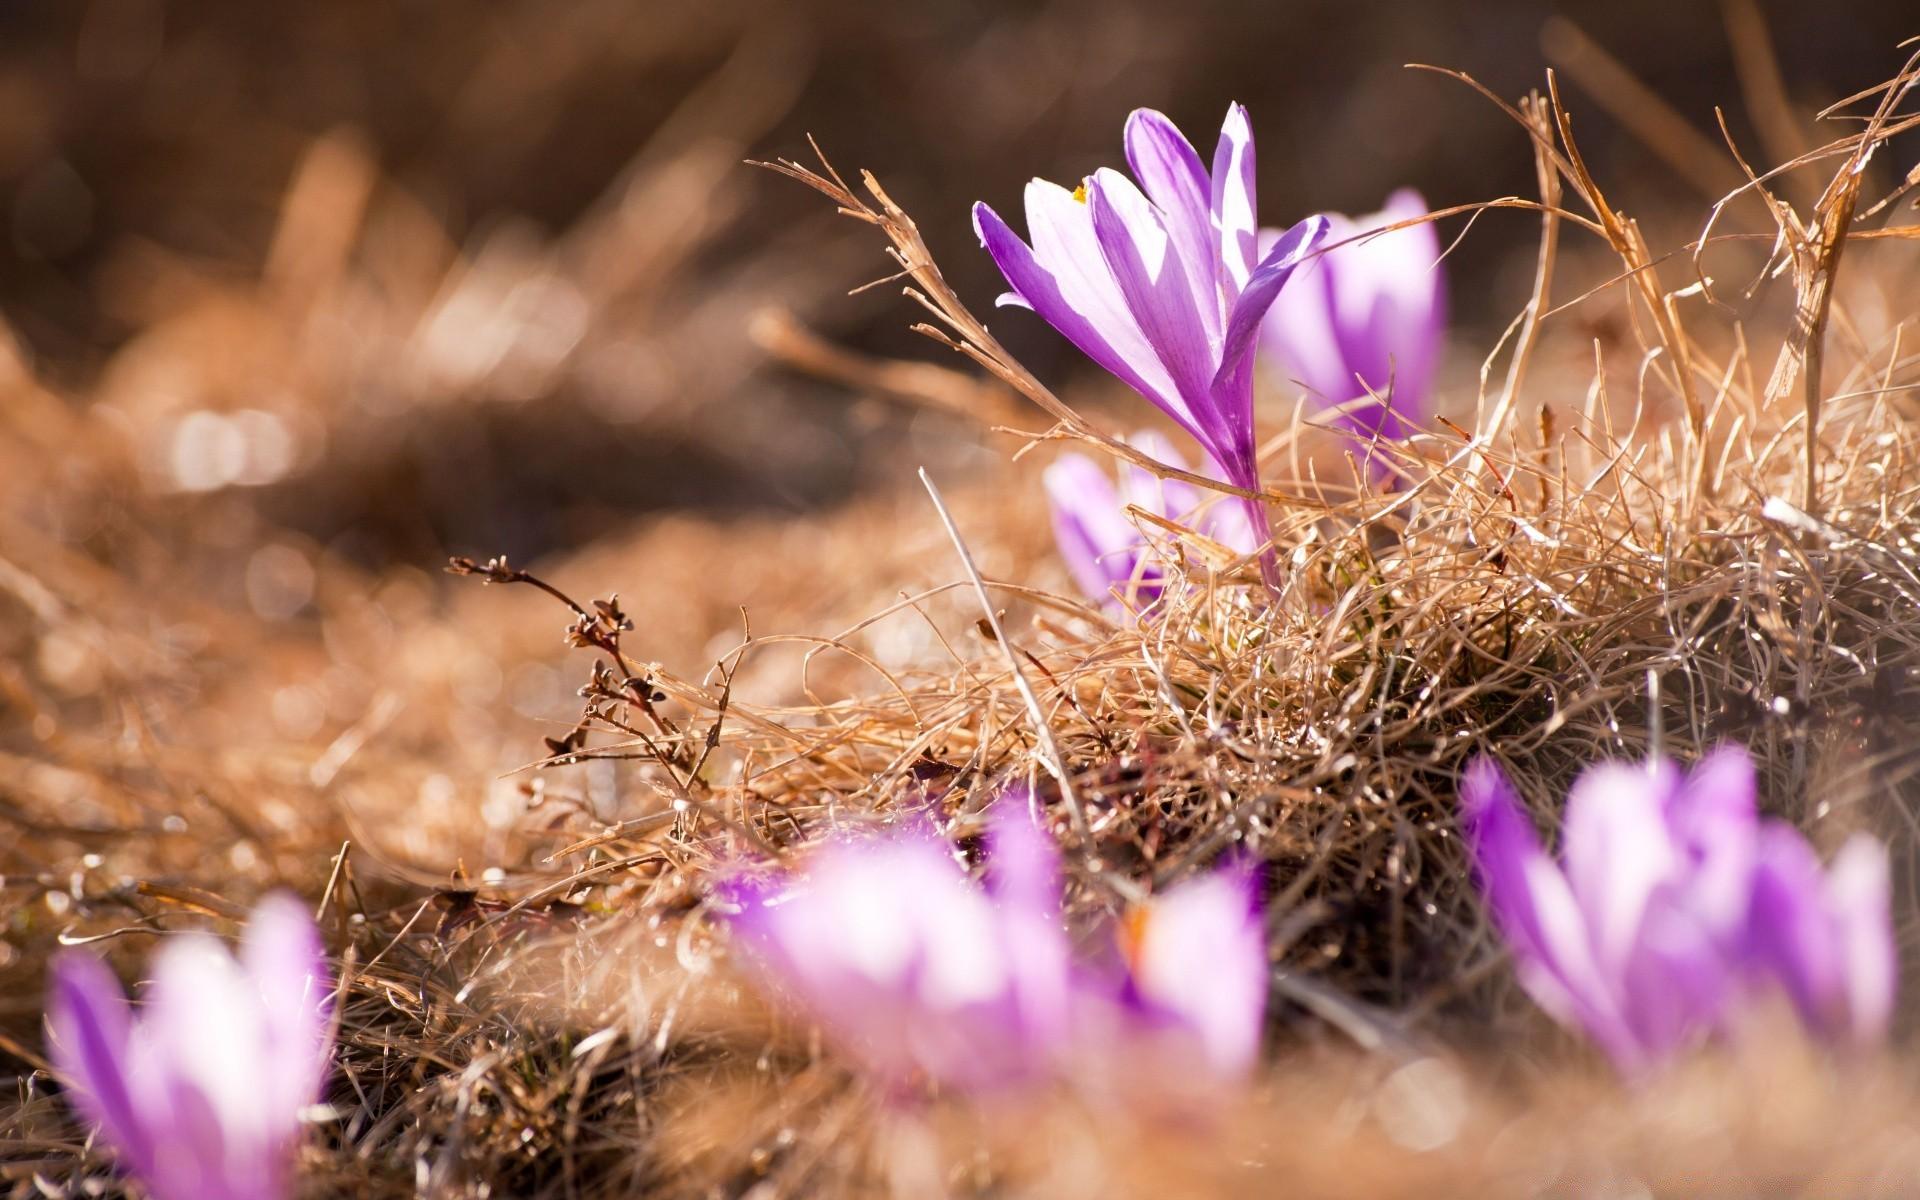 пару картинки весна на рабочий стол во весь очень красиво ухаживал